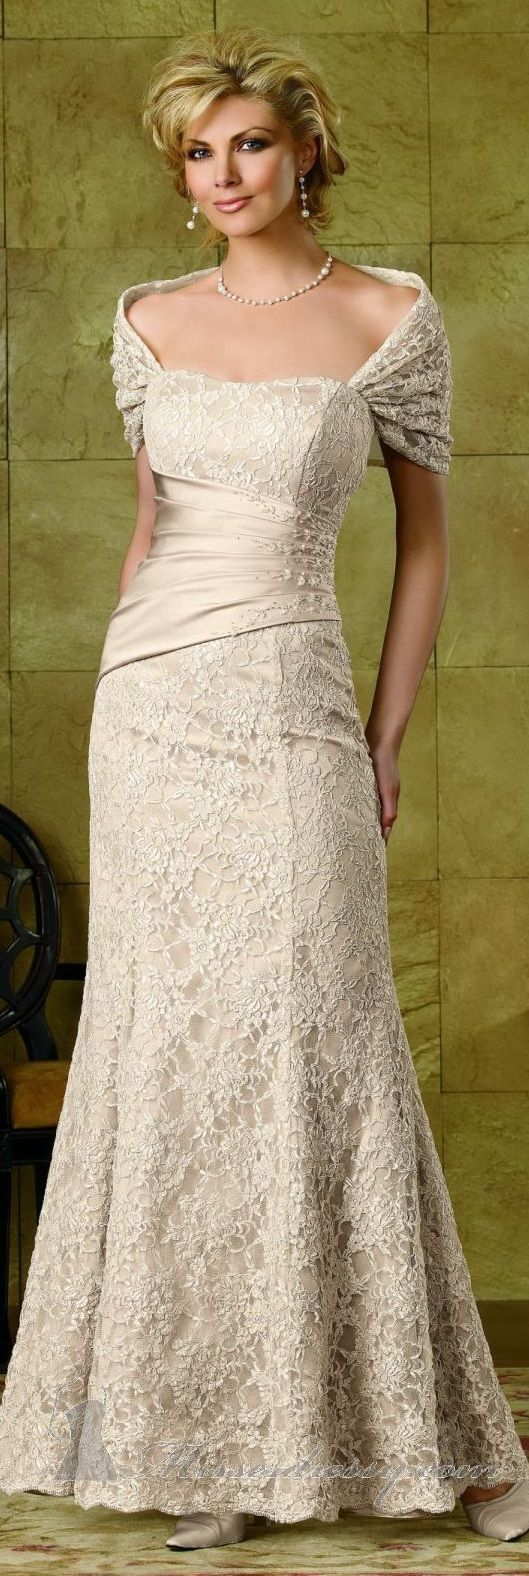 Jordan Bridesmaid Dresses Aqua